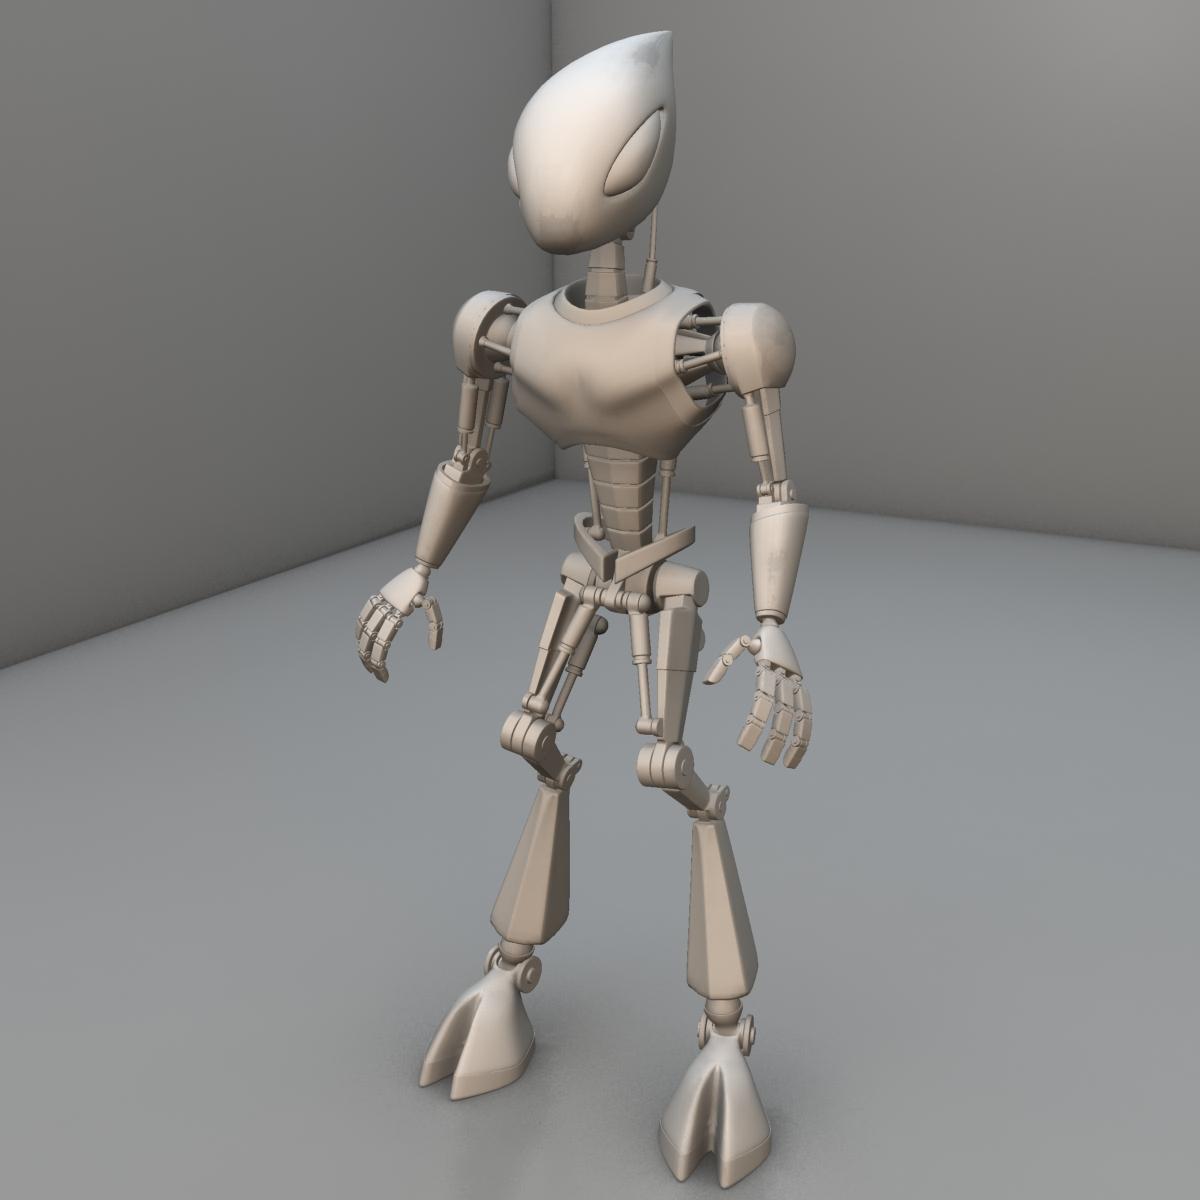 cpkb robot rigged 3d model 3ds max fbx blend obj 119275